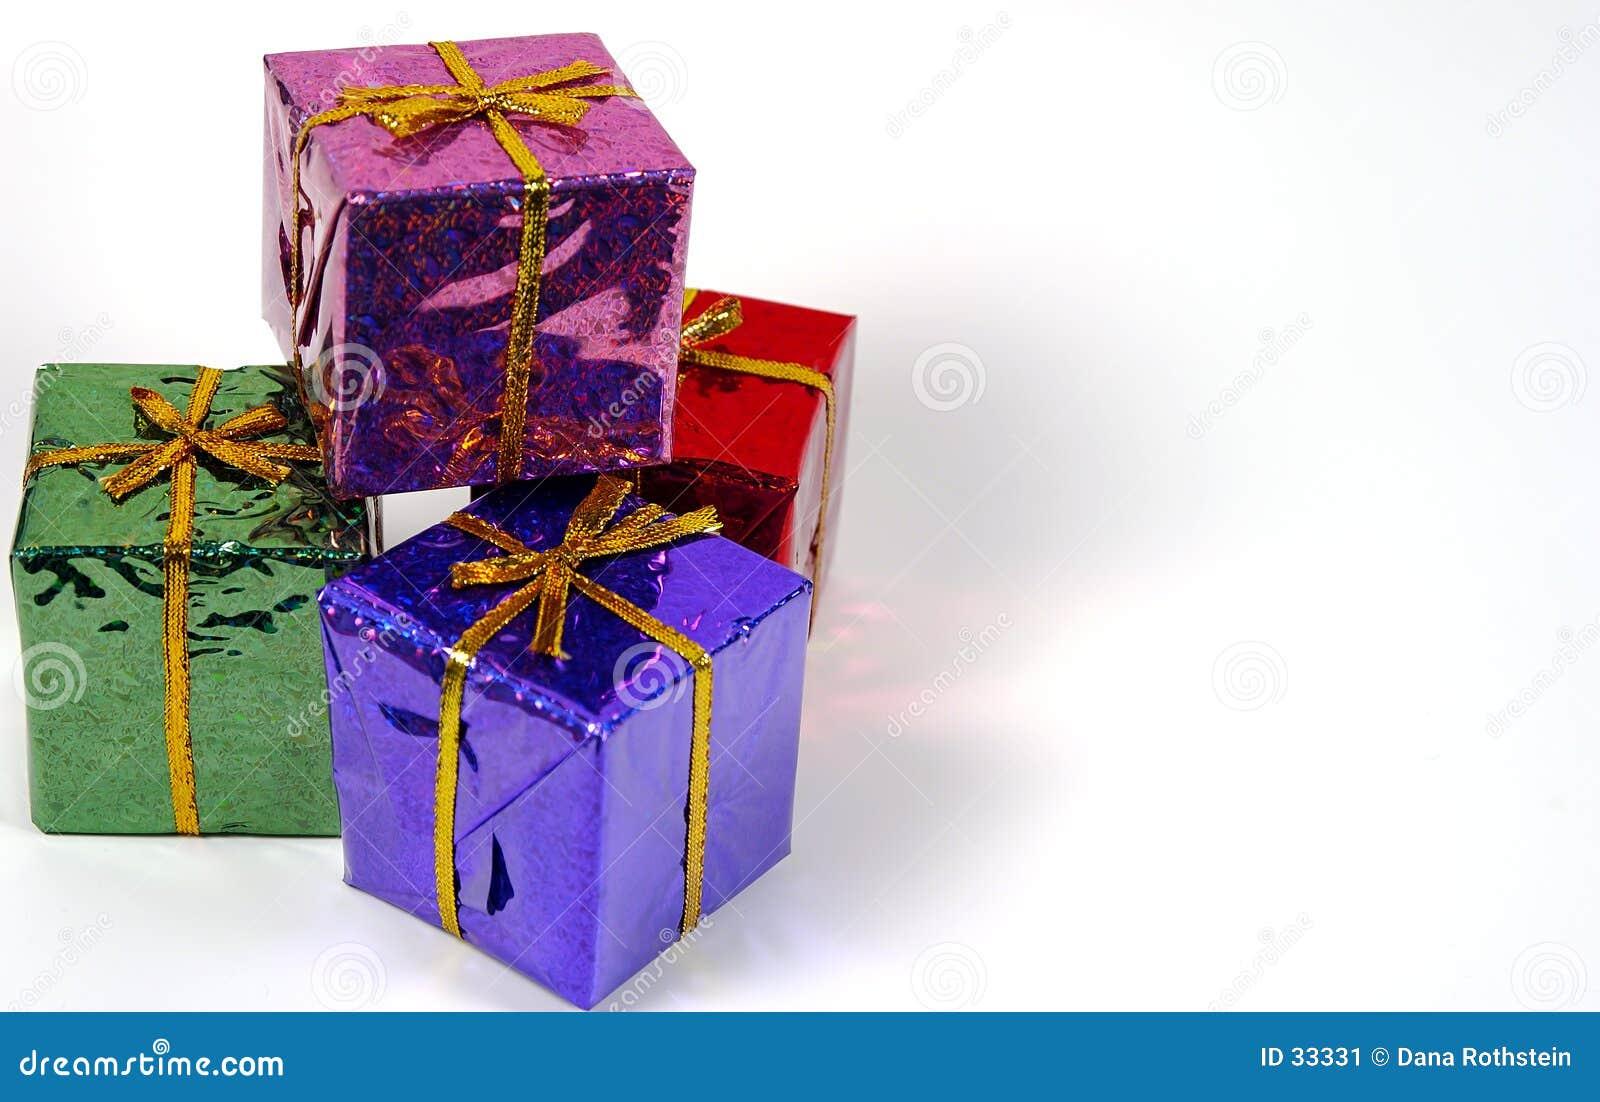 Giftboxesferie